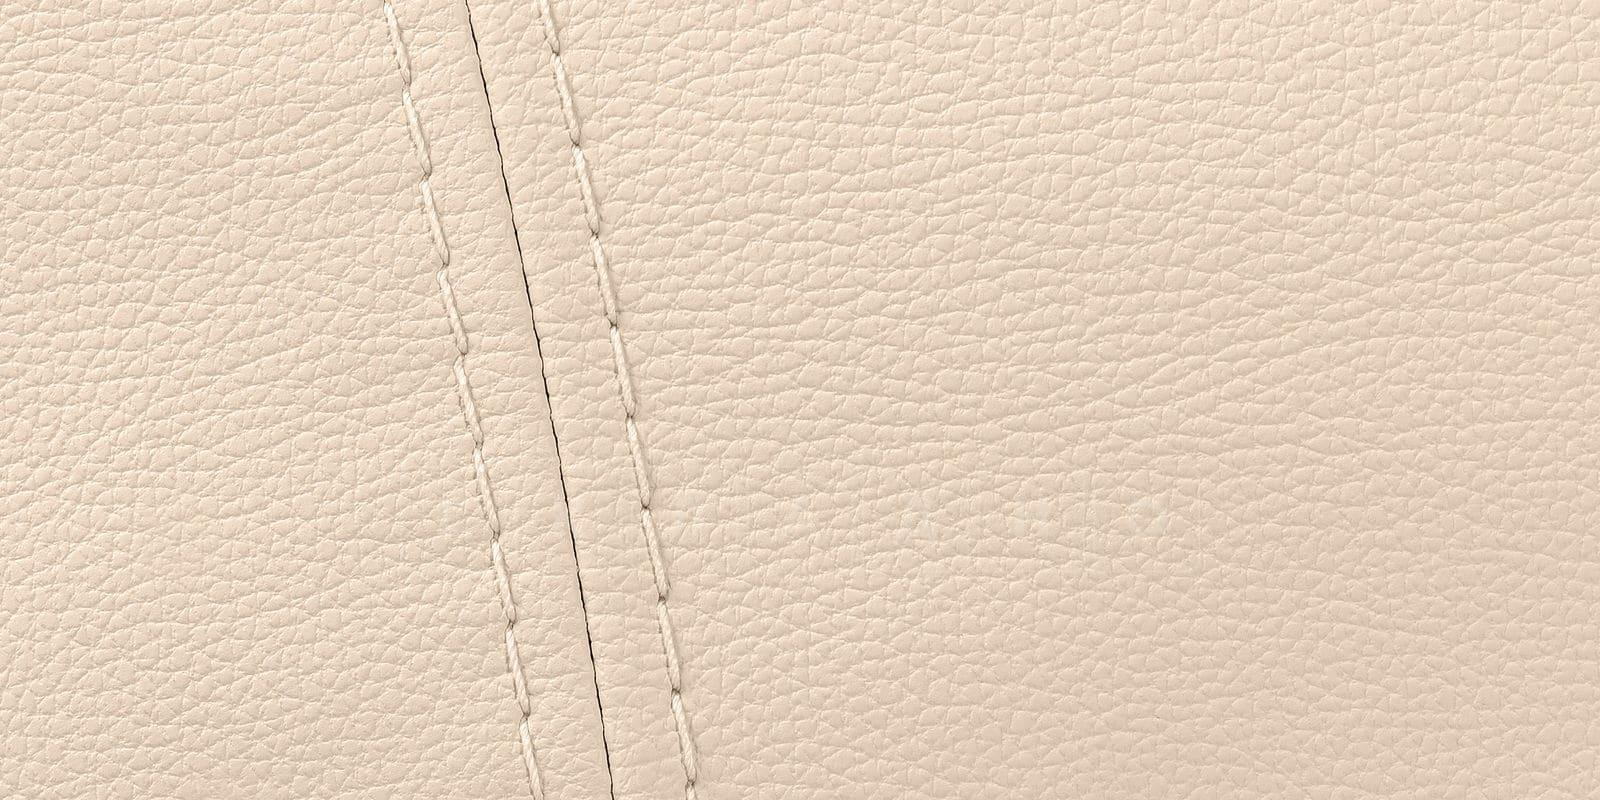 Диван угловой Бристоль кожаный бежевого цвета левый угол фото 9   интернет-магазин Складно